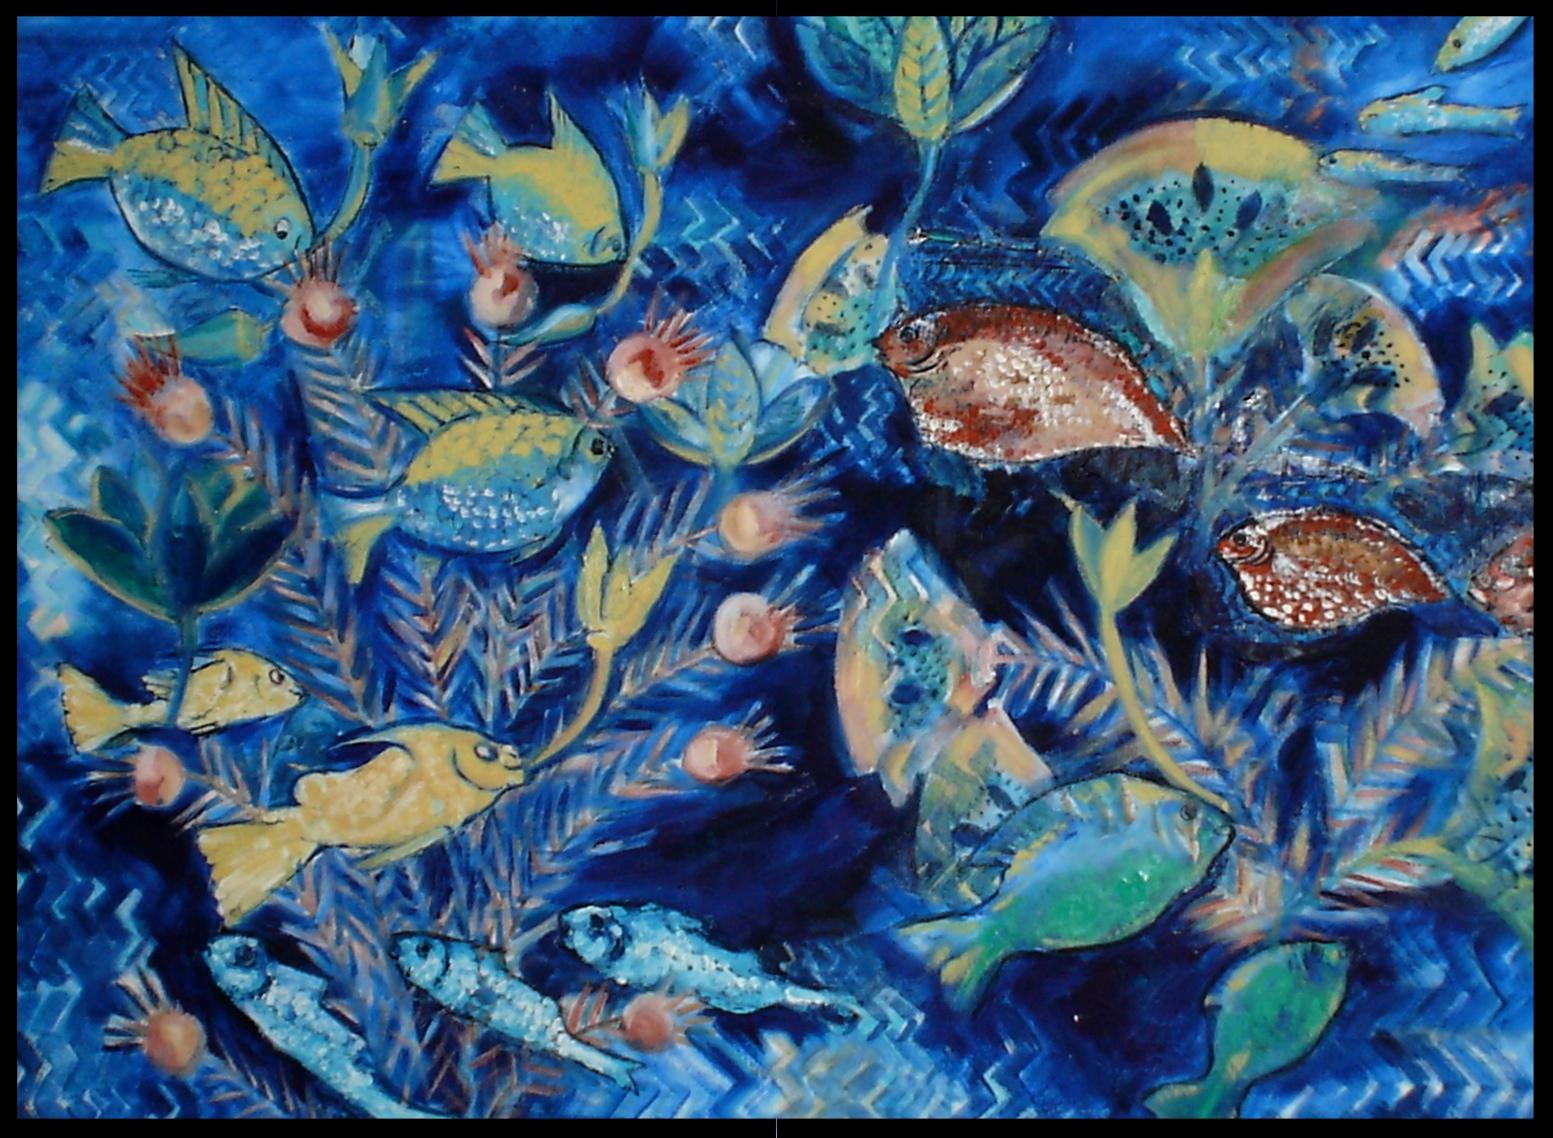 Fish In Reefs